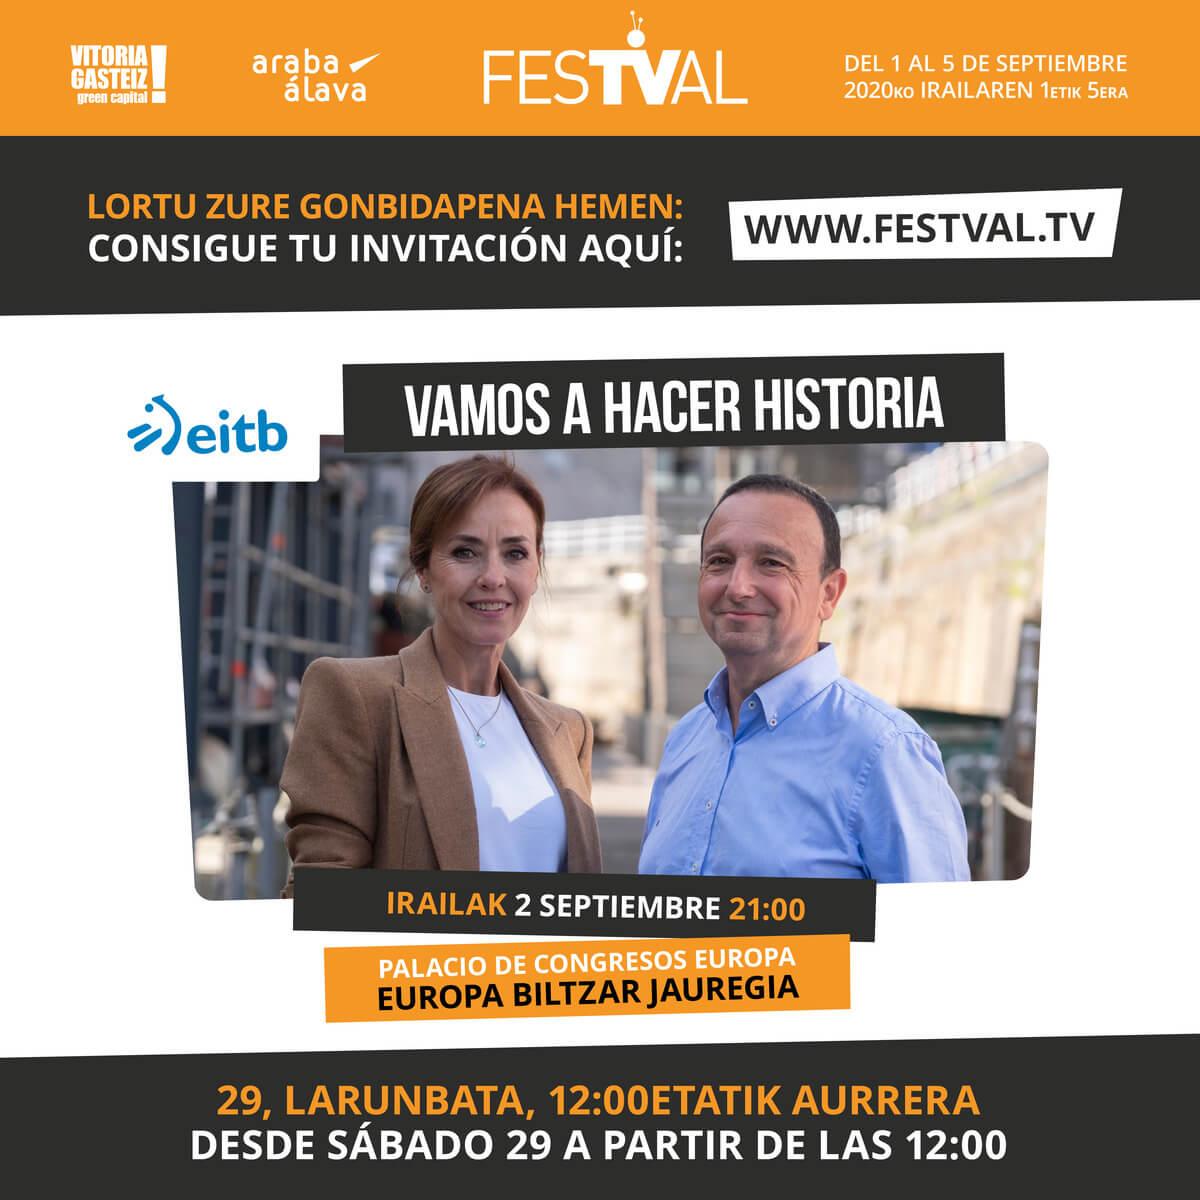 estreno Vamos a hacer historia FesTVal 2020